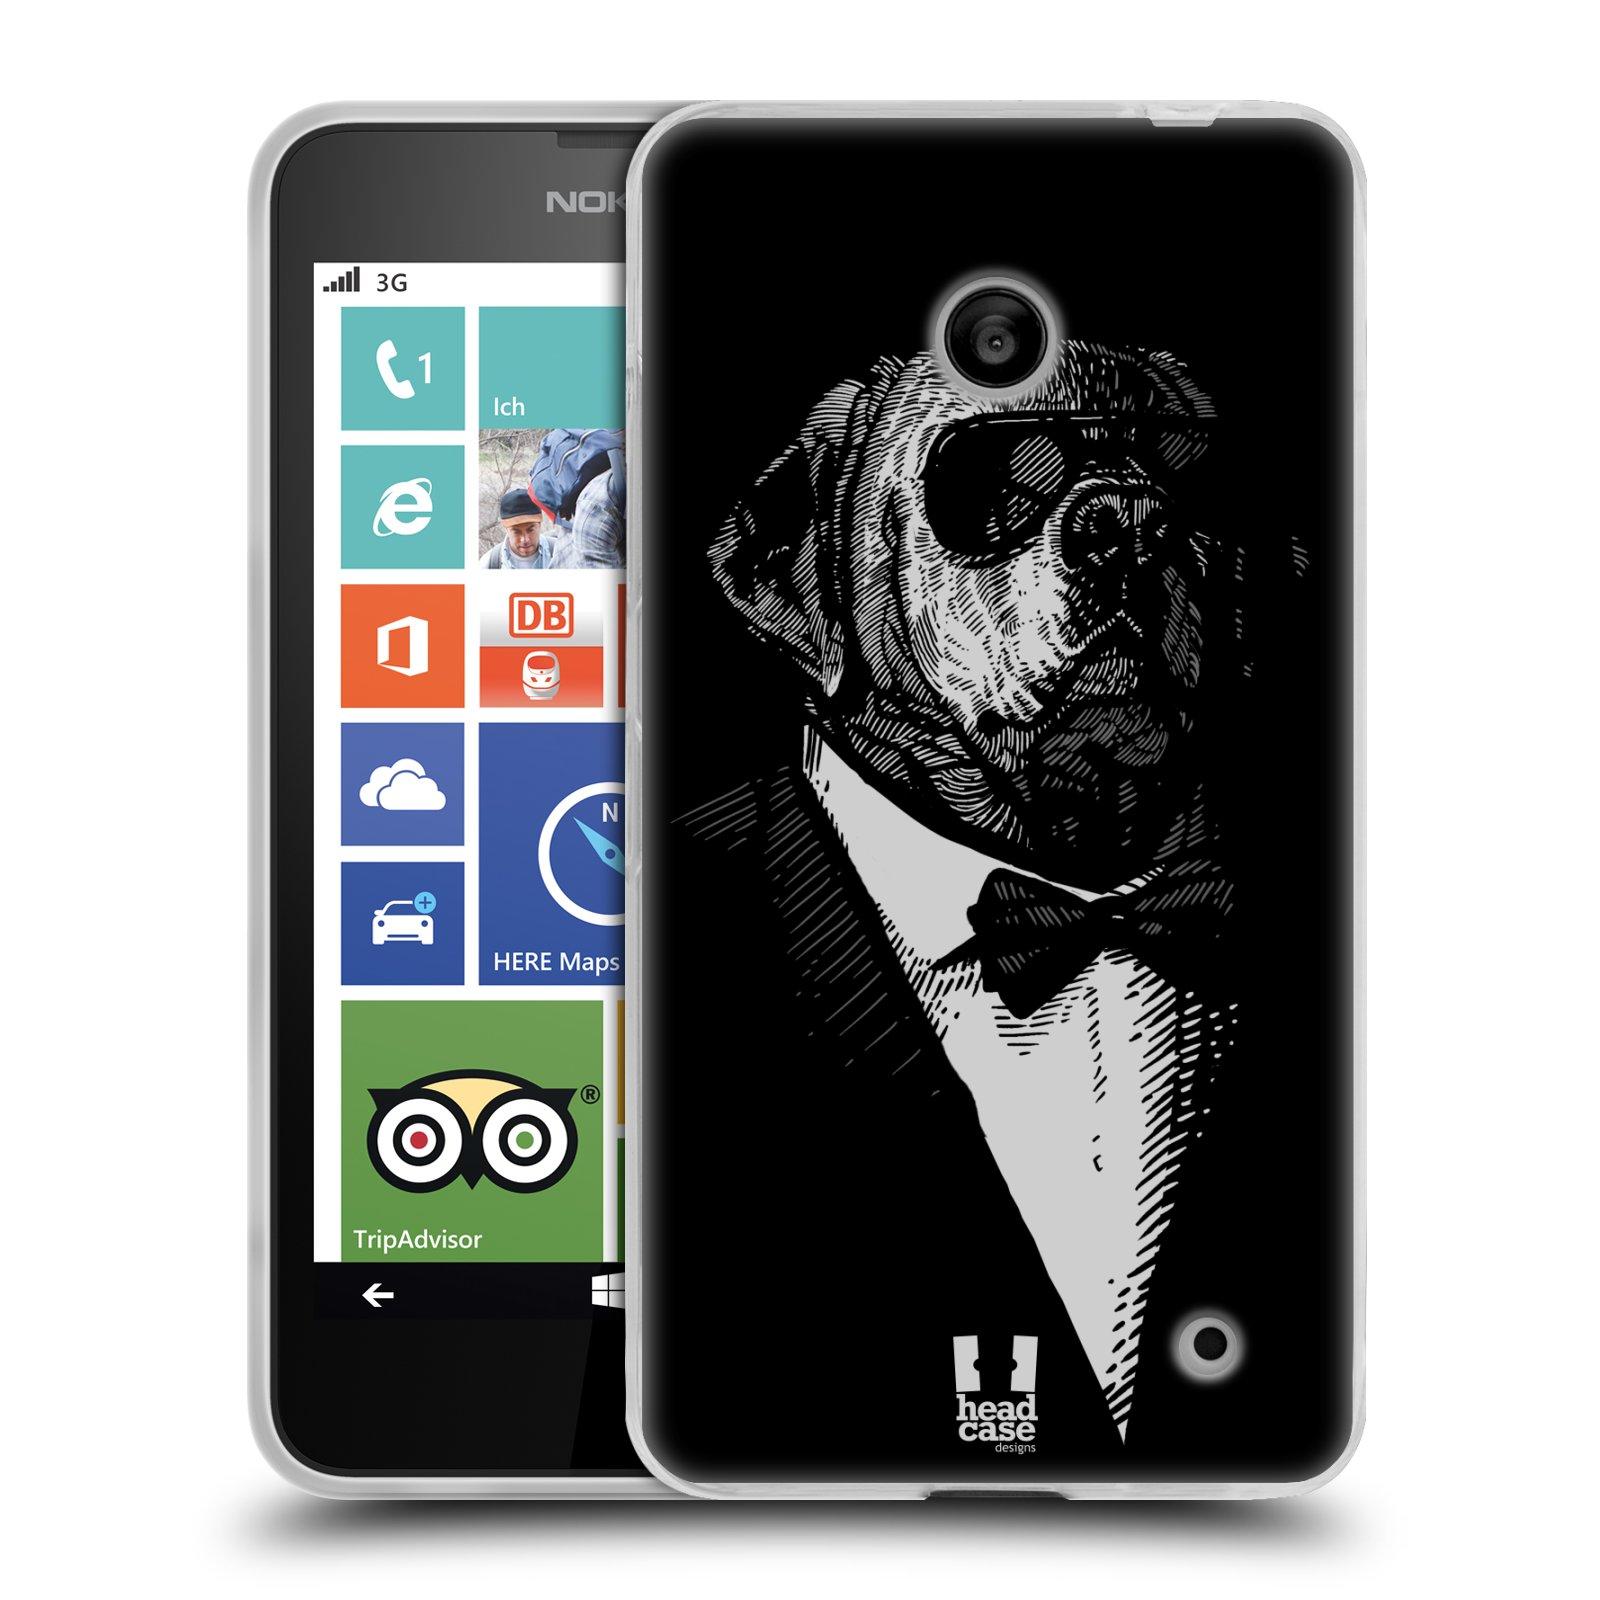 Silikonové pouzdro na mobil Nokia Lumia 635 HEAD CASE PSISKO V KVÁDRU (Silikonový kryt či obal na mobilní telefon Nokia Lumia 635 Dual SIM)